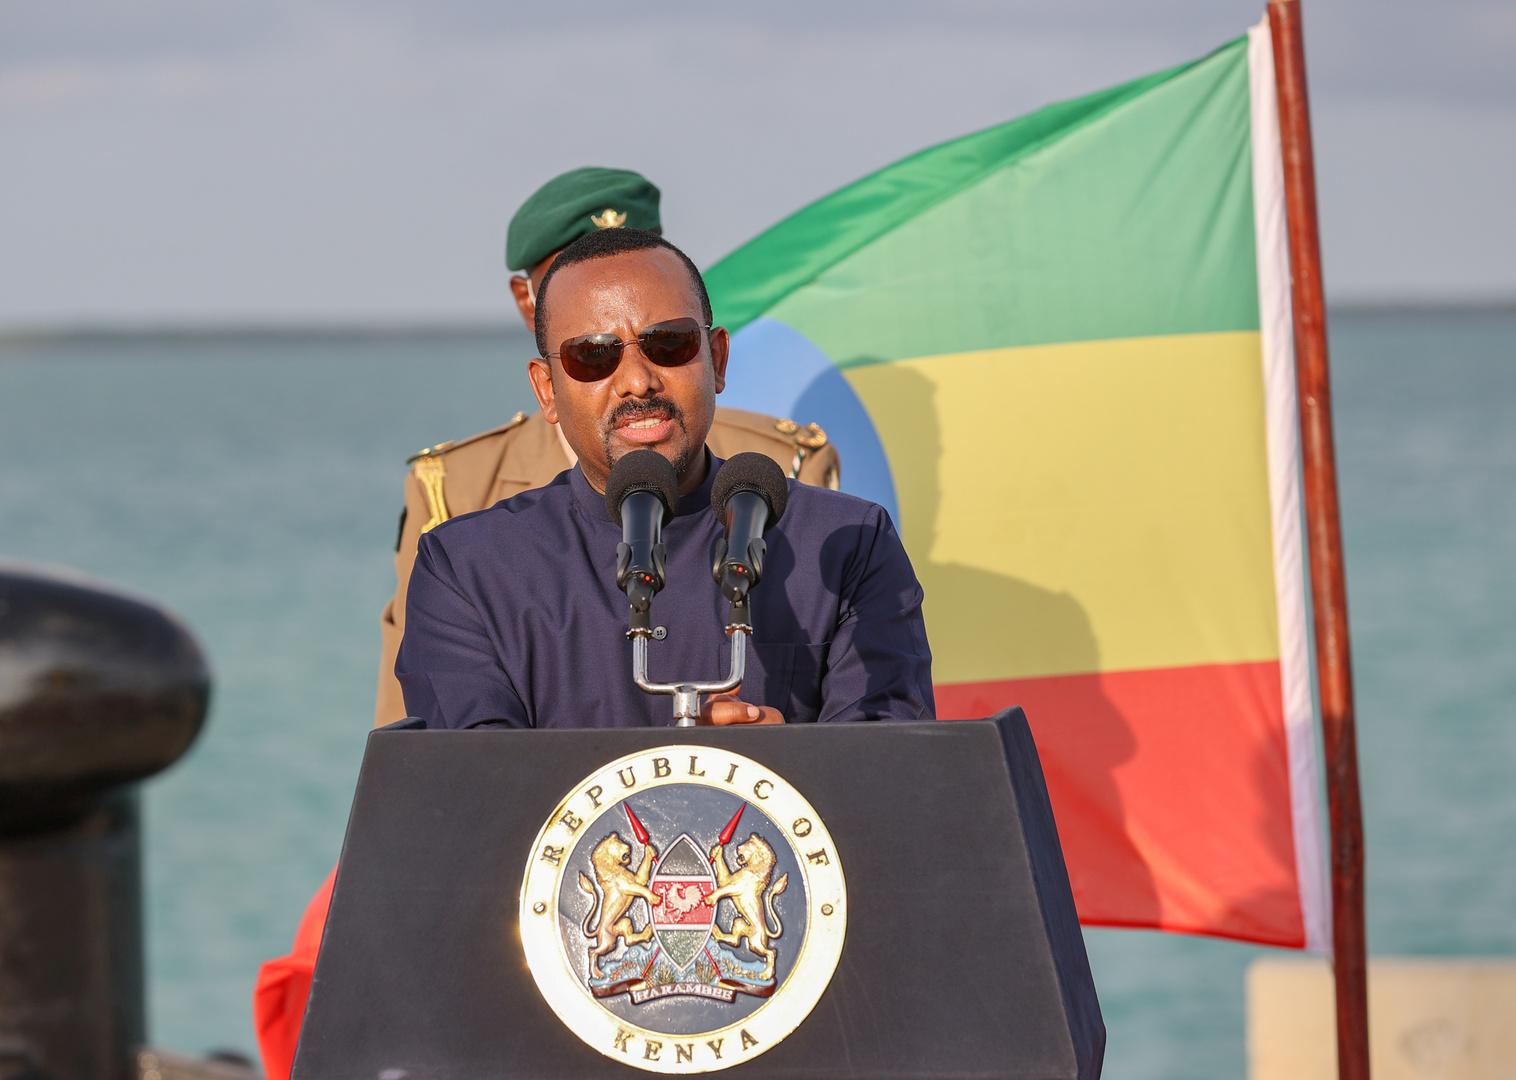 أبي أحمد يحتفل بالسنة الإثيوبية الجديدة بالزي العسكري ويشيد بقوات بلاده العسكرية (صور)